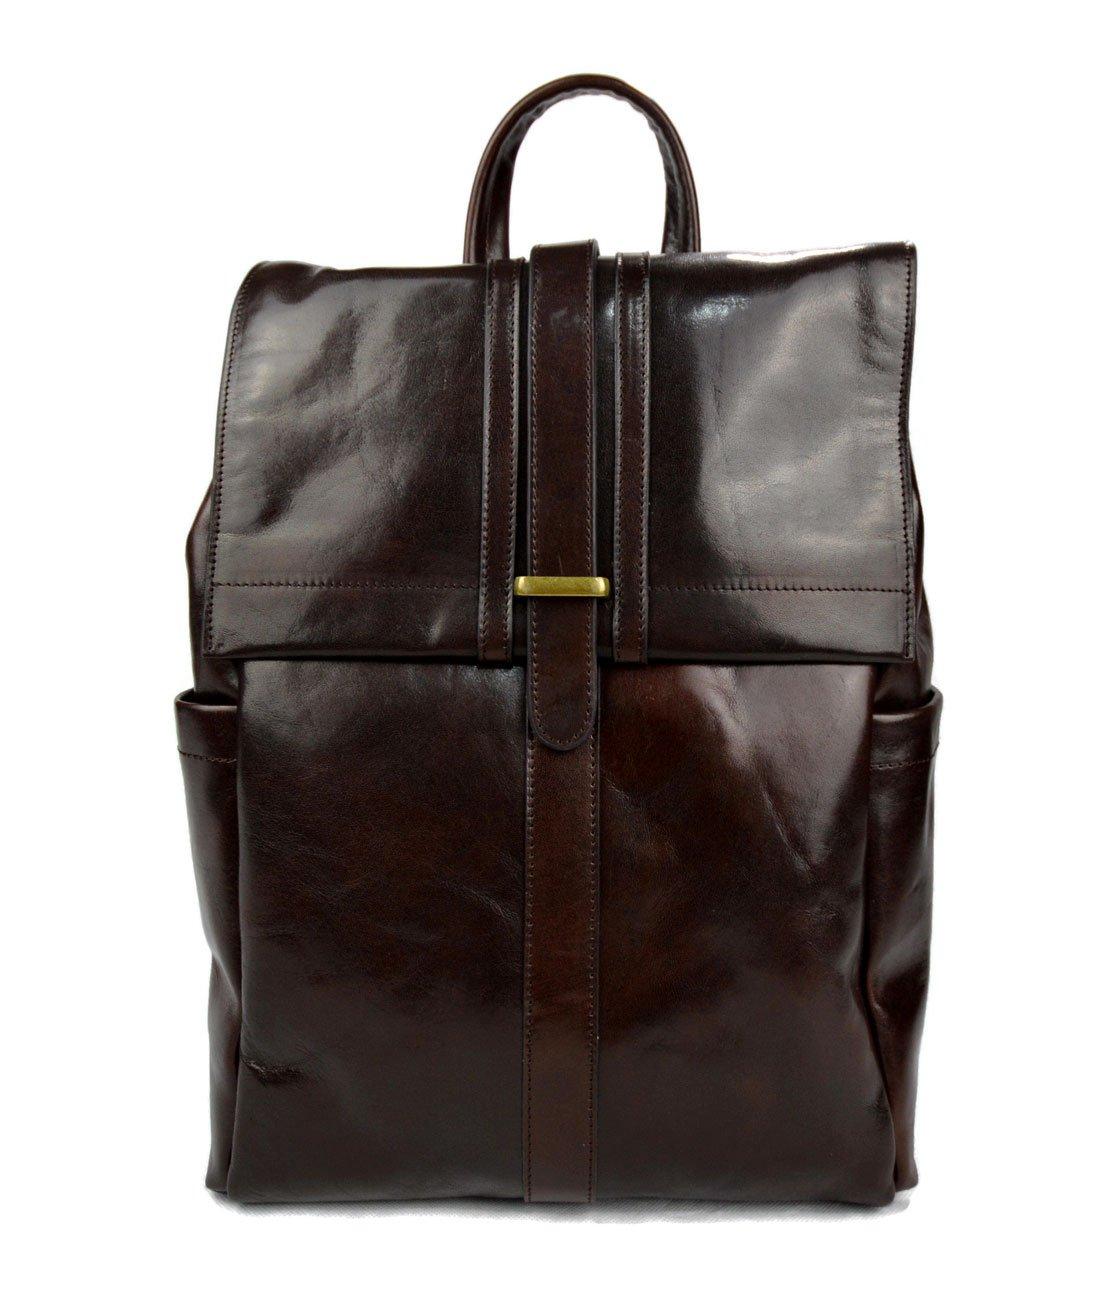 Leather dark brown backpack genuine leather travel bag weekender sports bag gym bag leather shoulder ladies mens satchel light backpack